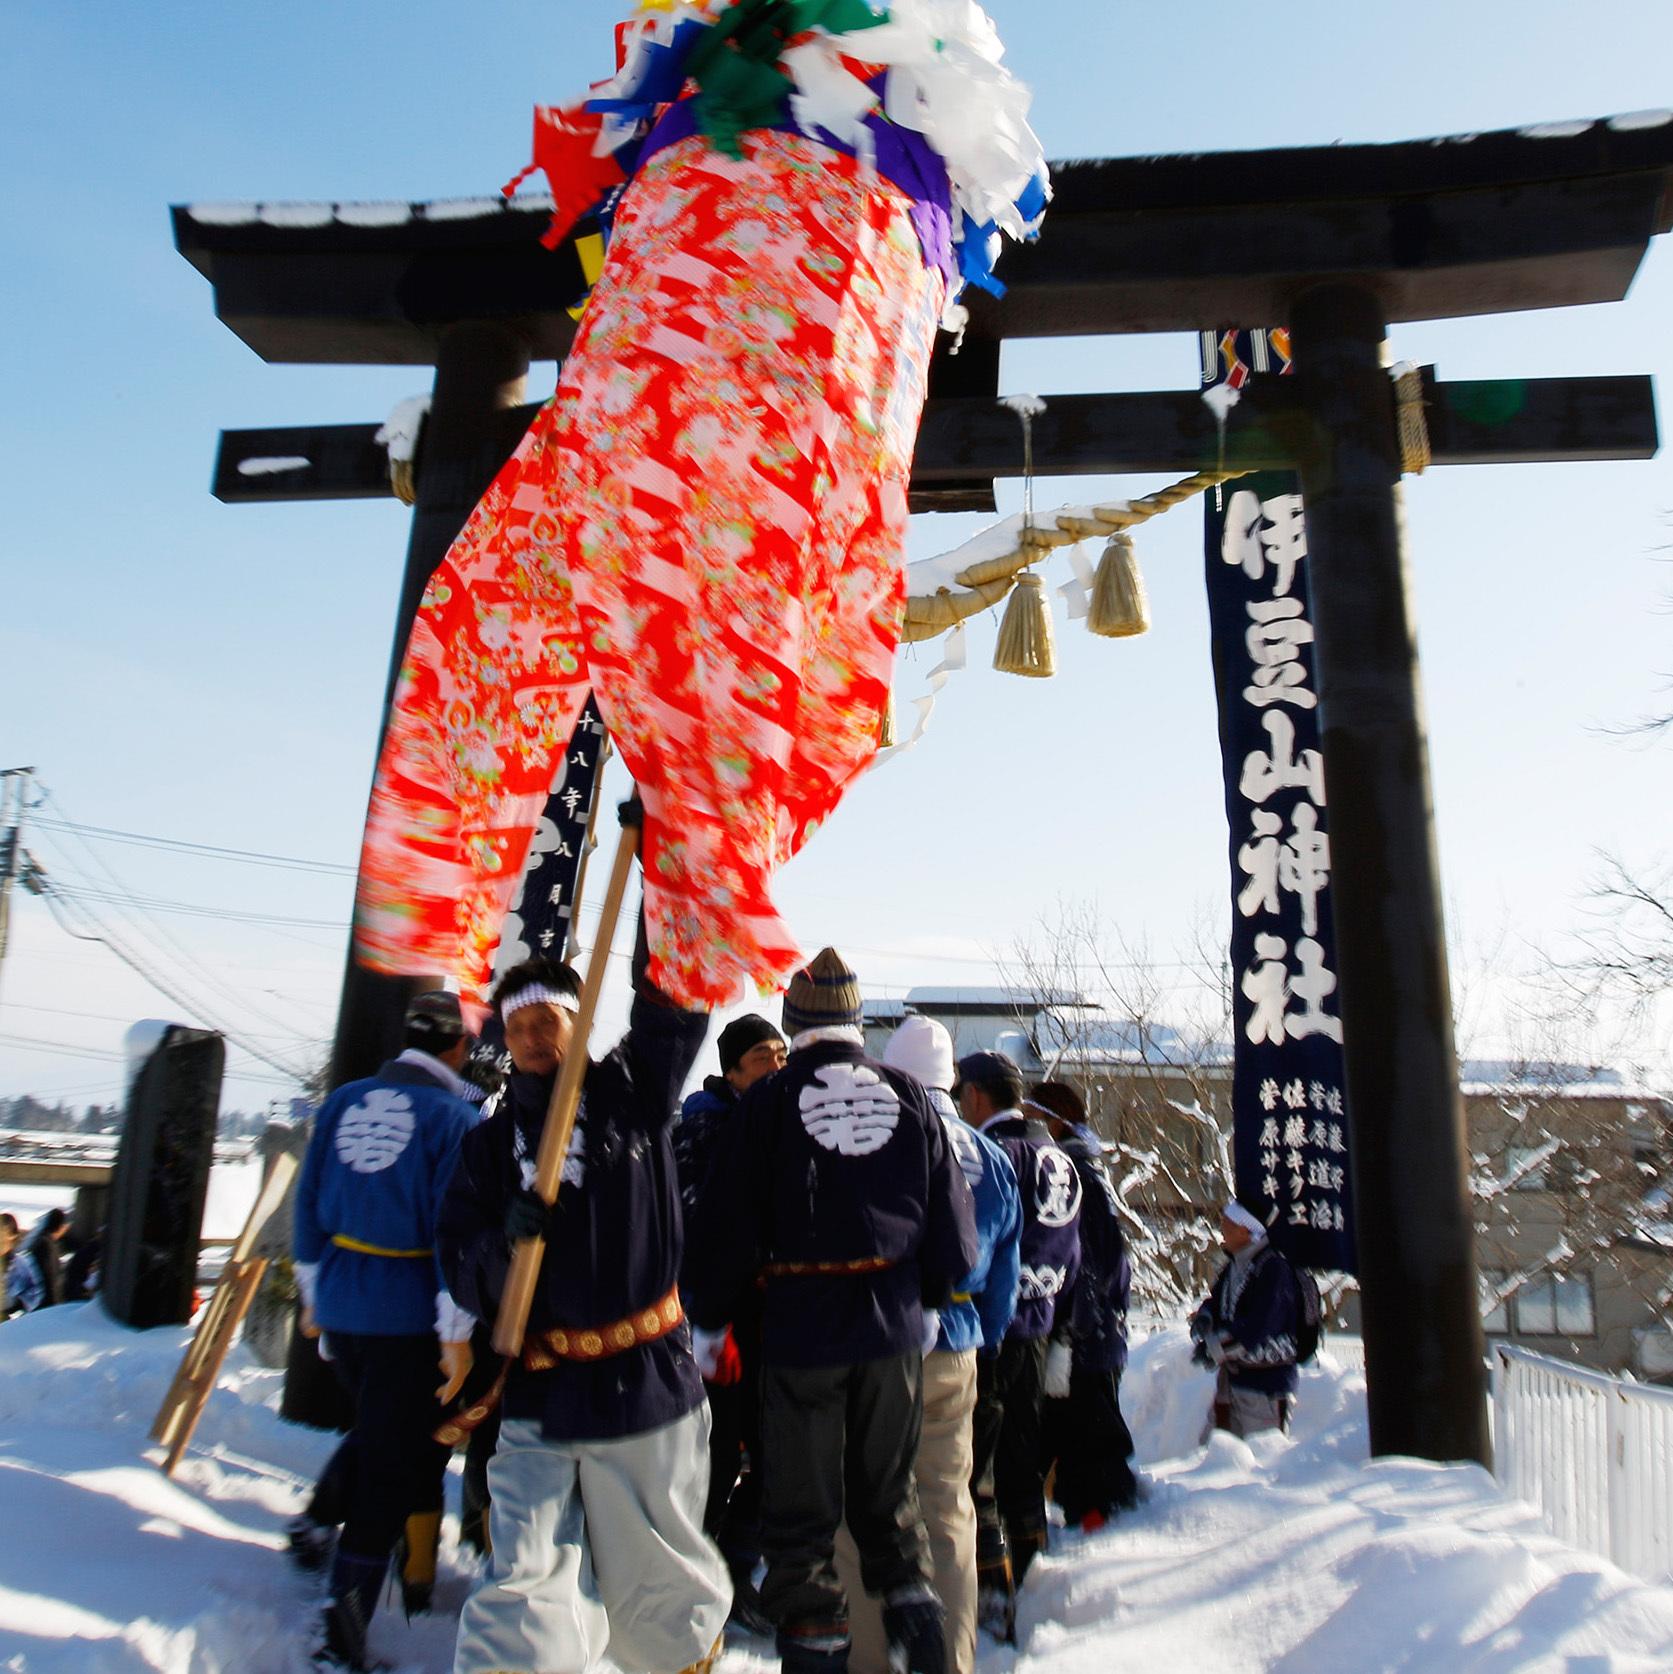 秋田県大仙市大曲町「川を渡るぼんでん」<br />ぼんでんに年の初めの願いを込めて